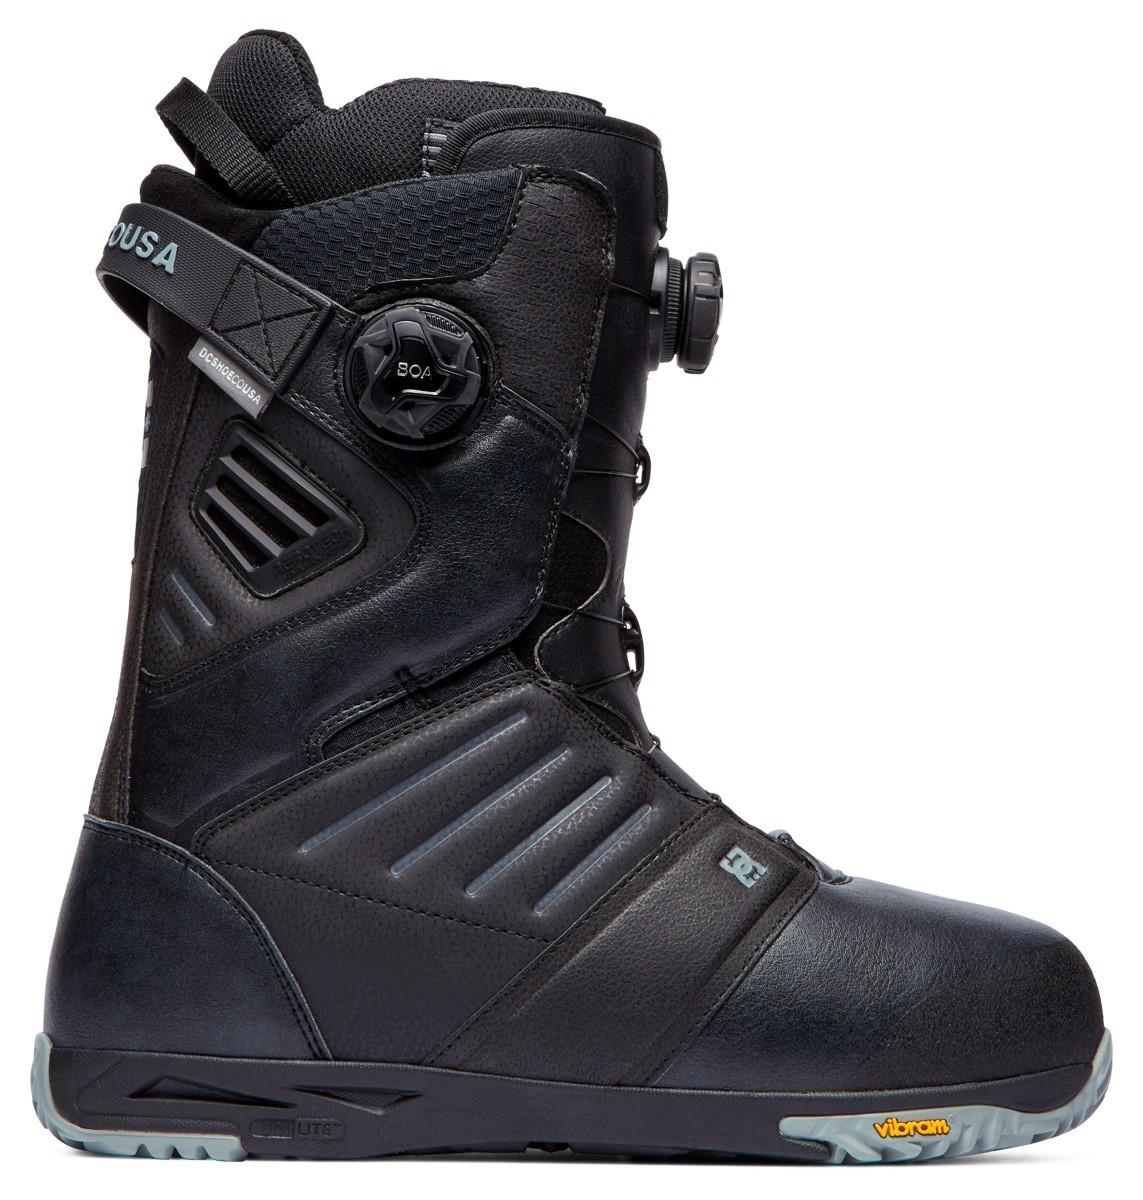 DC Shoes Judge M Boax 2020